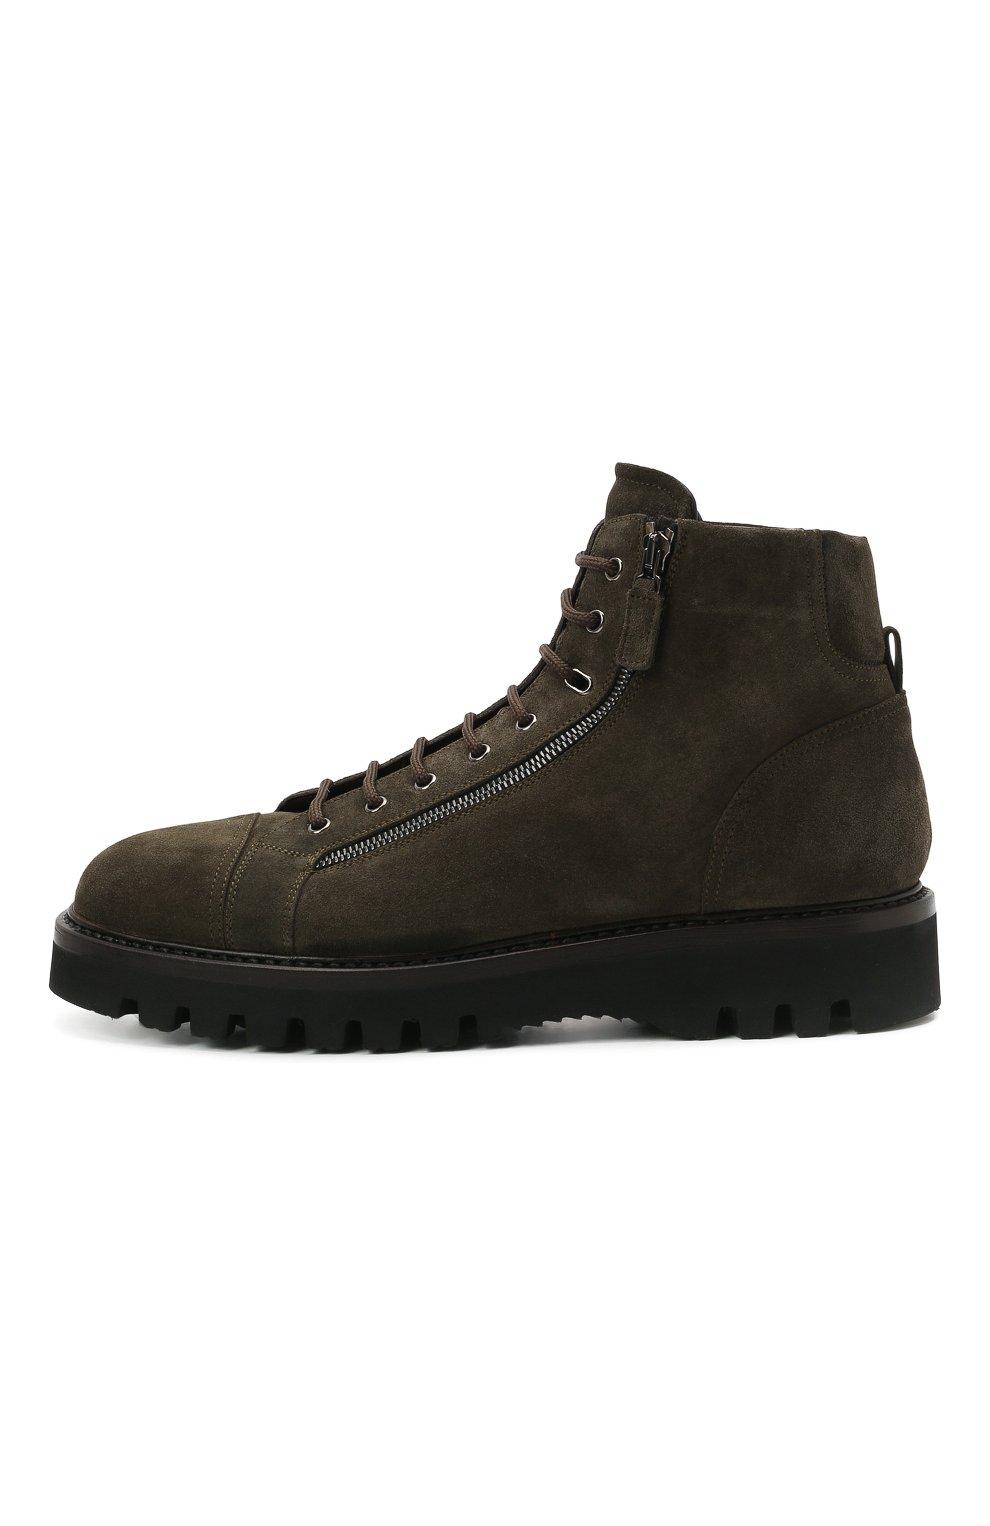 Мужские замшевые ботинки W.GIBBS хаки цвета, арт. 0672001/2576 | Фото 3 (Материал утеплителя: Натуральный мех; Мужское Кросс-КТ: Ботинки-обувь, зимние ботинки; Подошва: Массивная; Материал внешний: Замша)